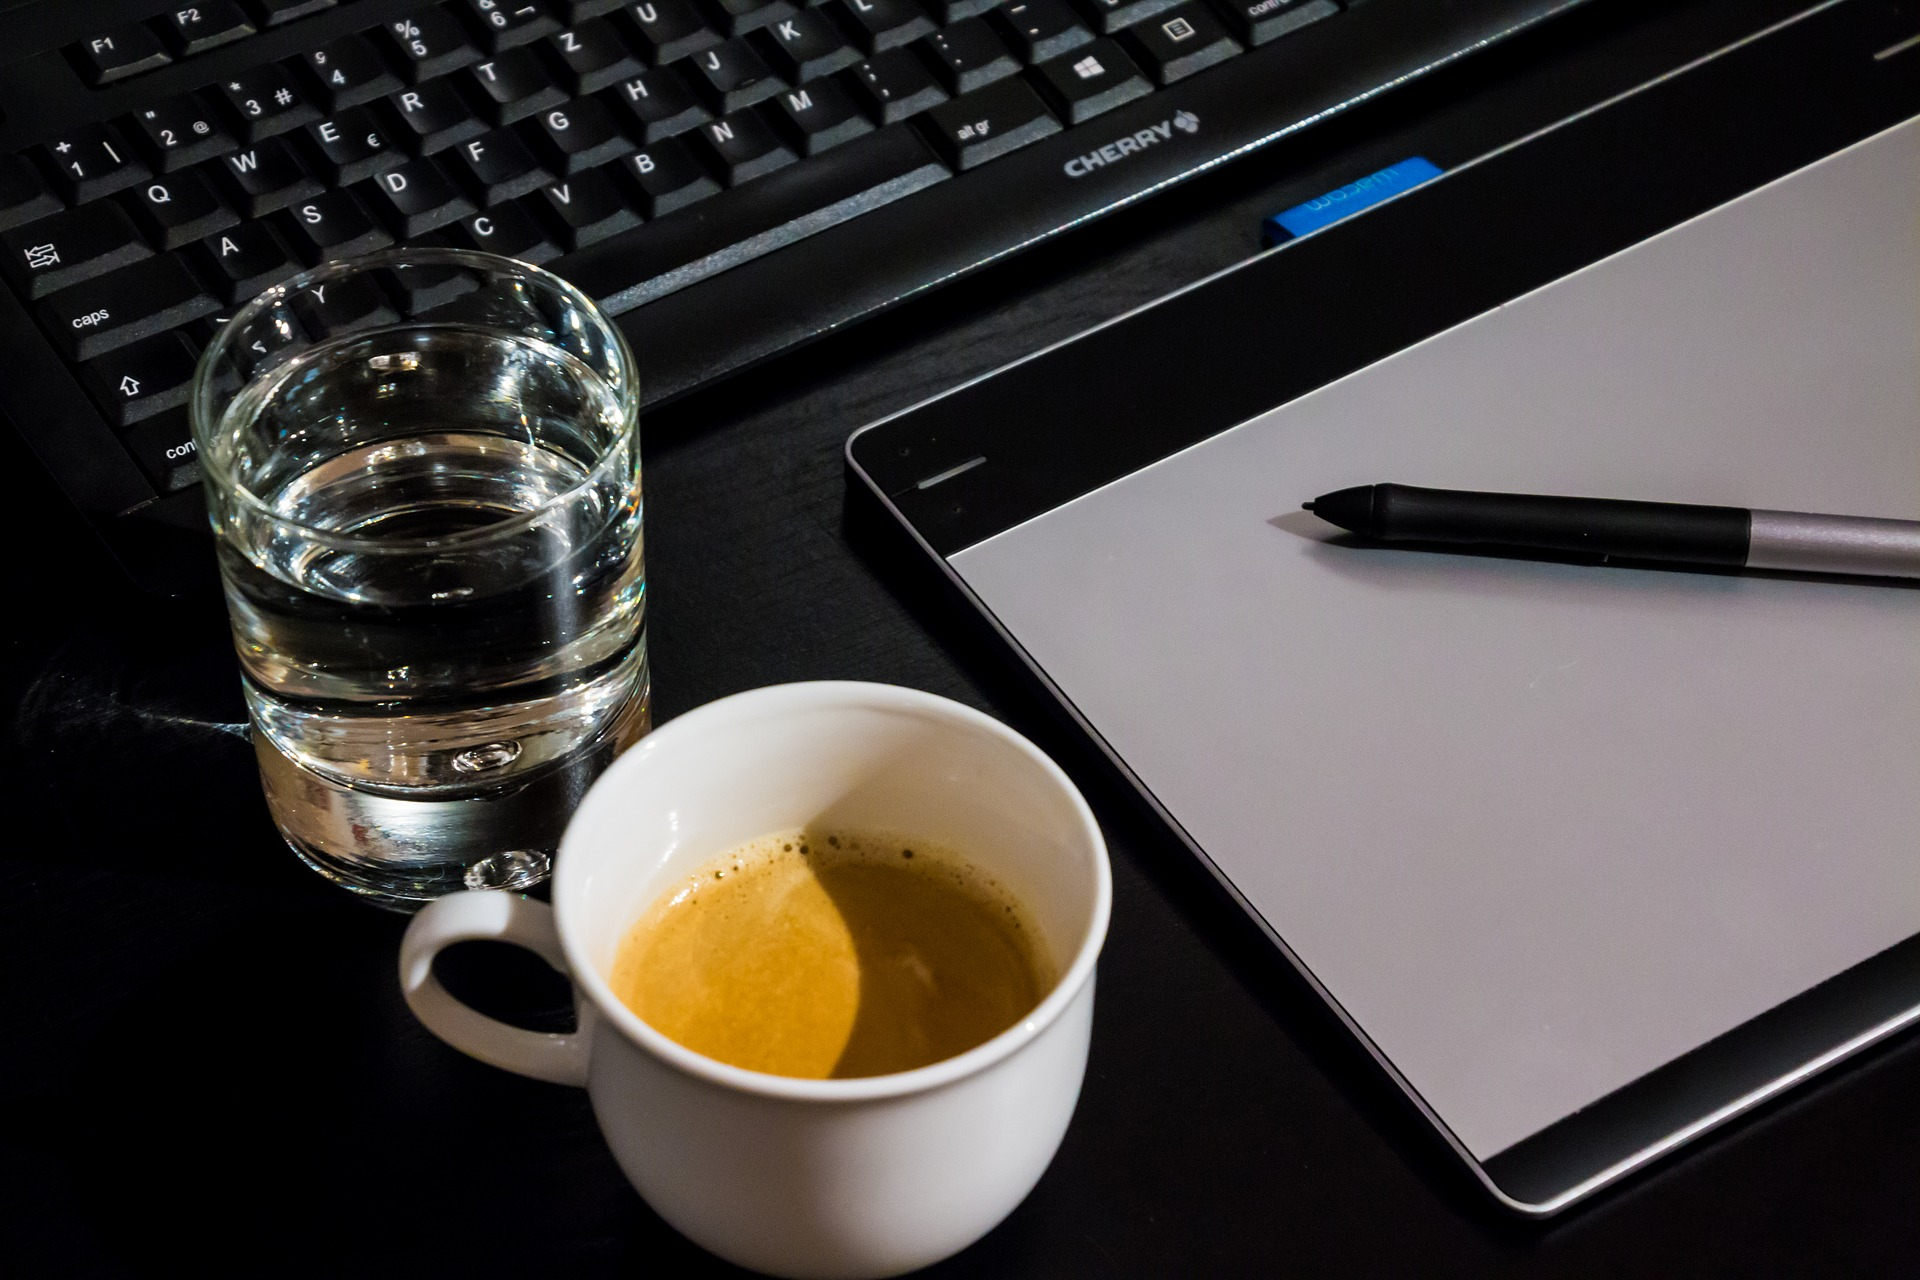 Imagem mostra uma mesa digitalizadora ao lado de uma xícara de café e de um copo d'água.